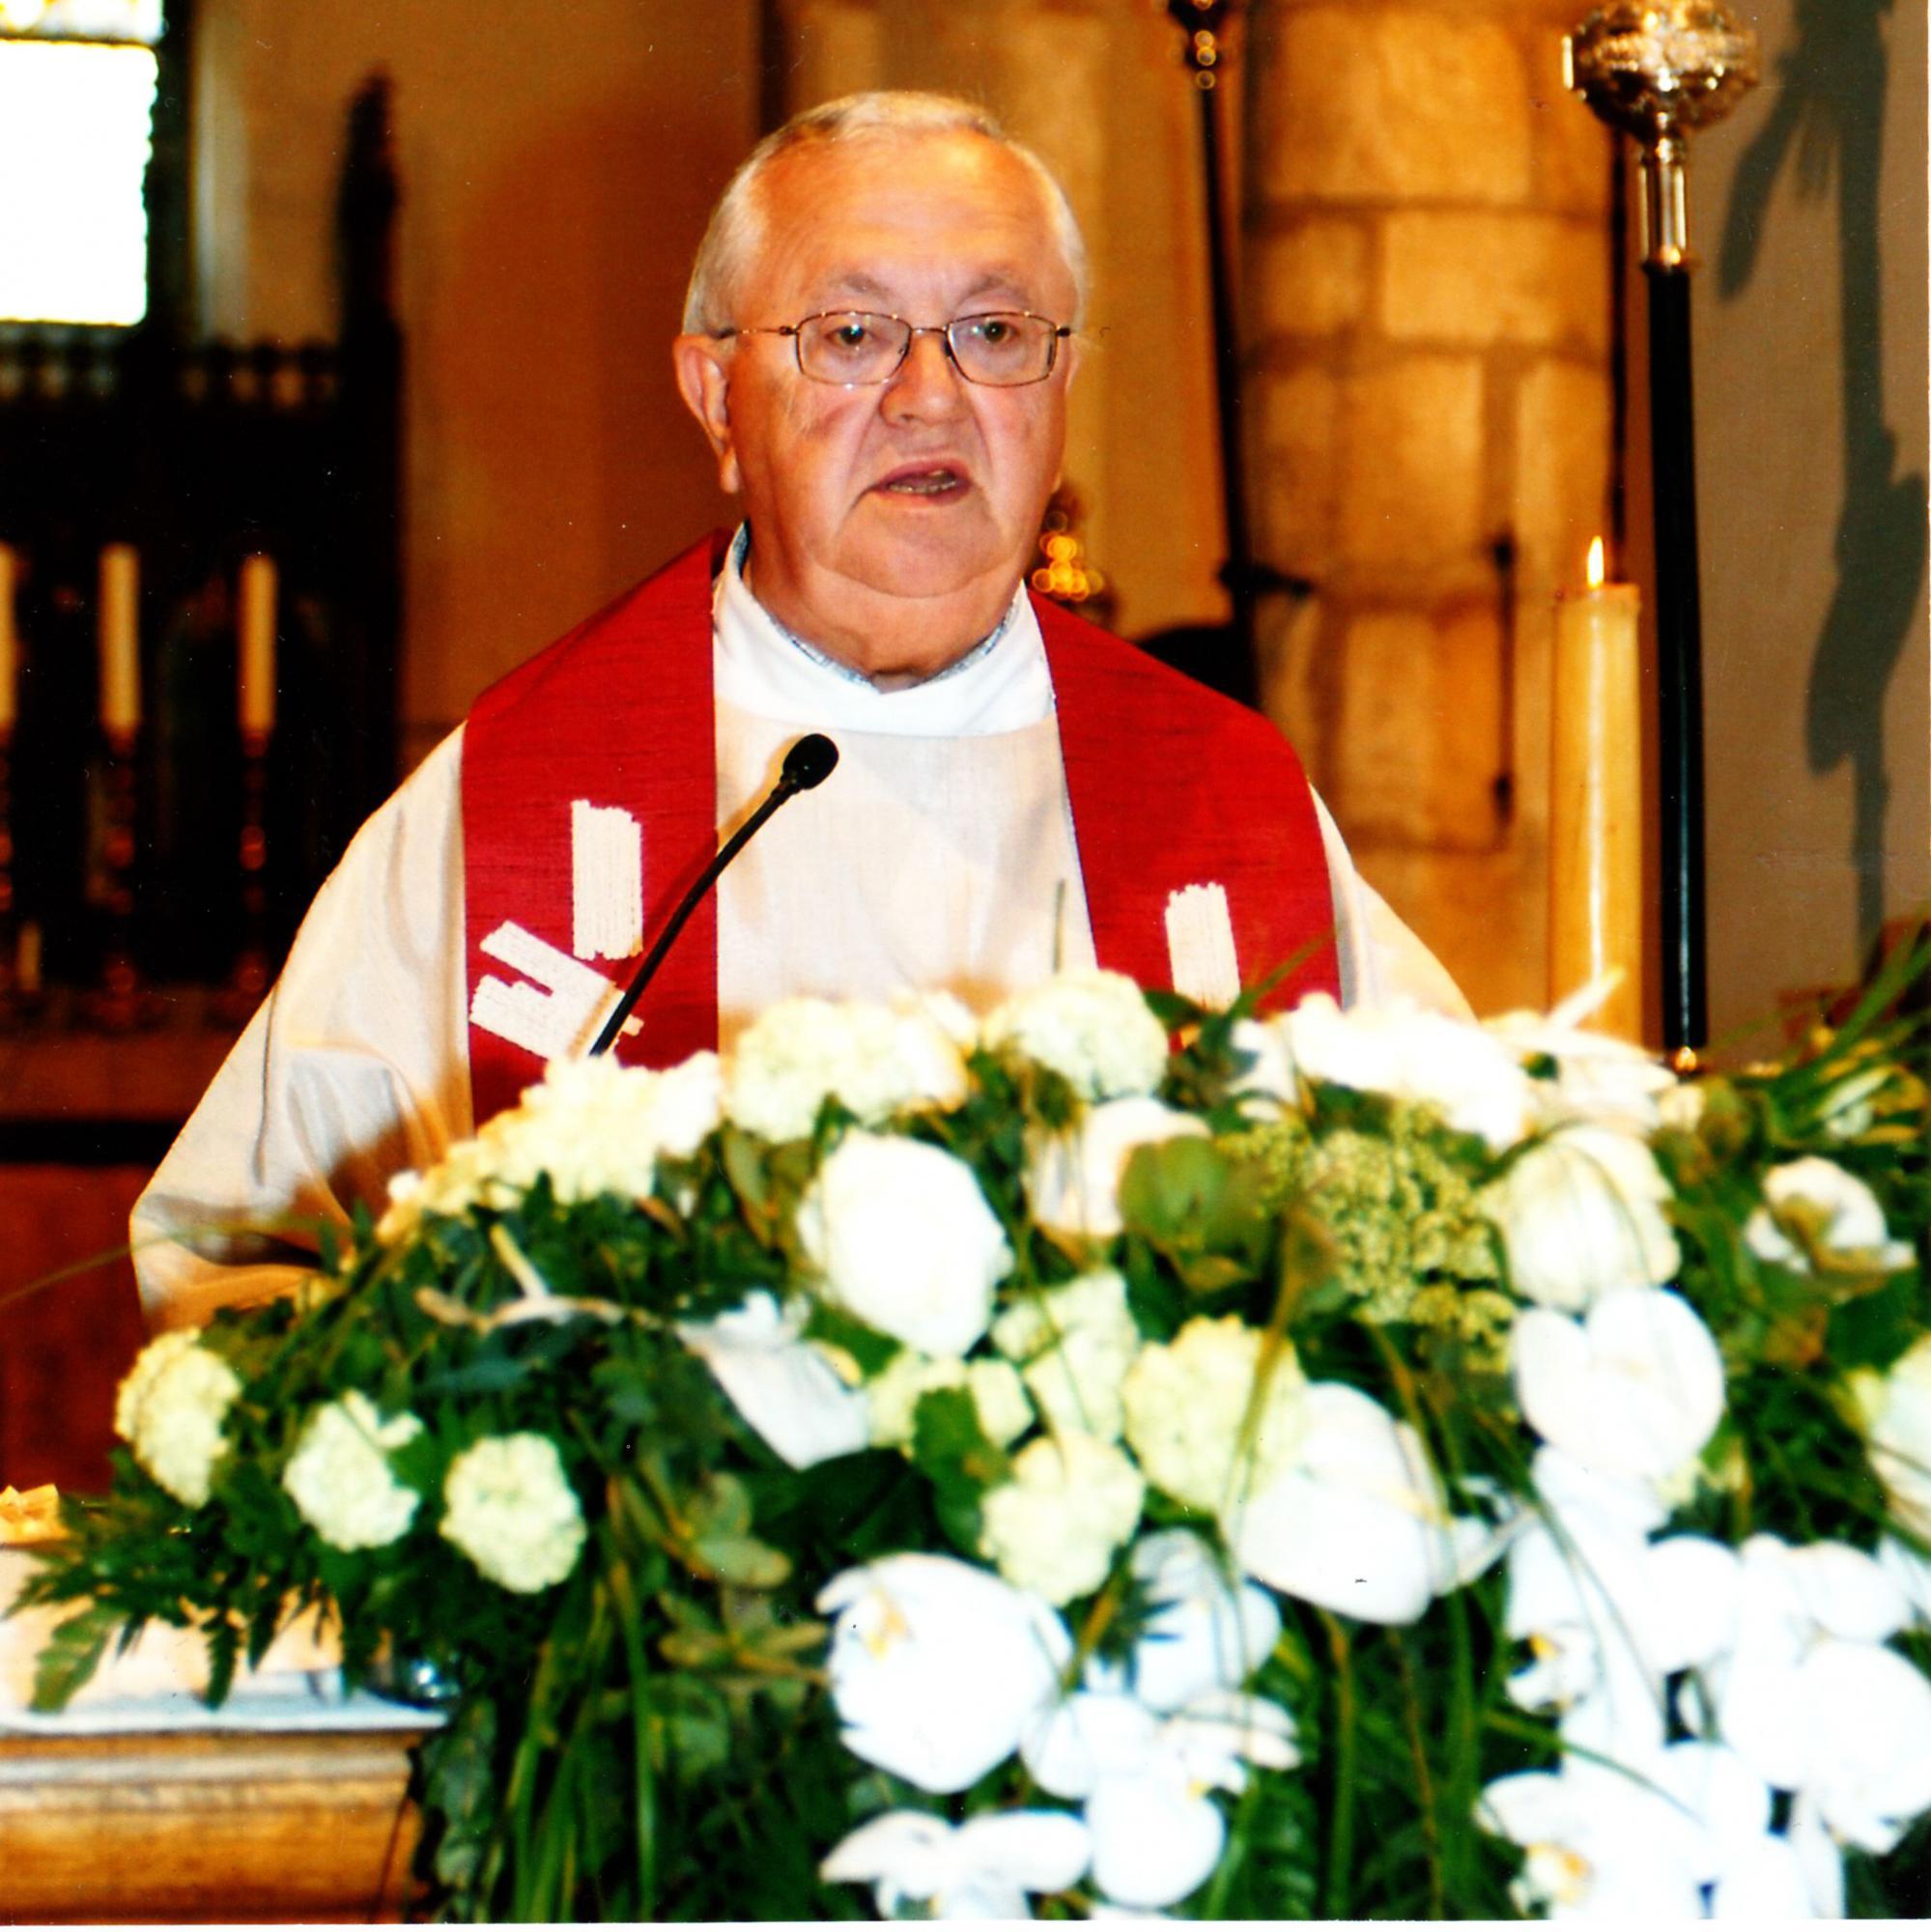 E.H. Guido Huys (Overleden op 16 januari in Sint-Niklaas. Hij werd geboren in Lokeren op 30 januari 1938 en priester gewijd op 8 juni 1963.)